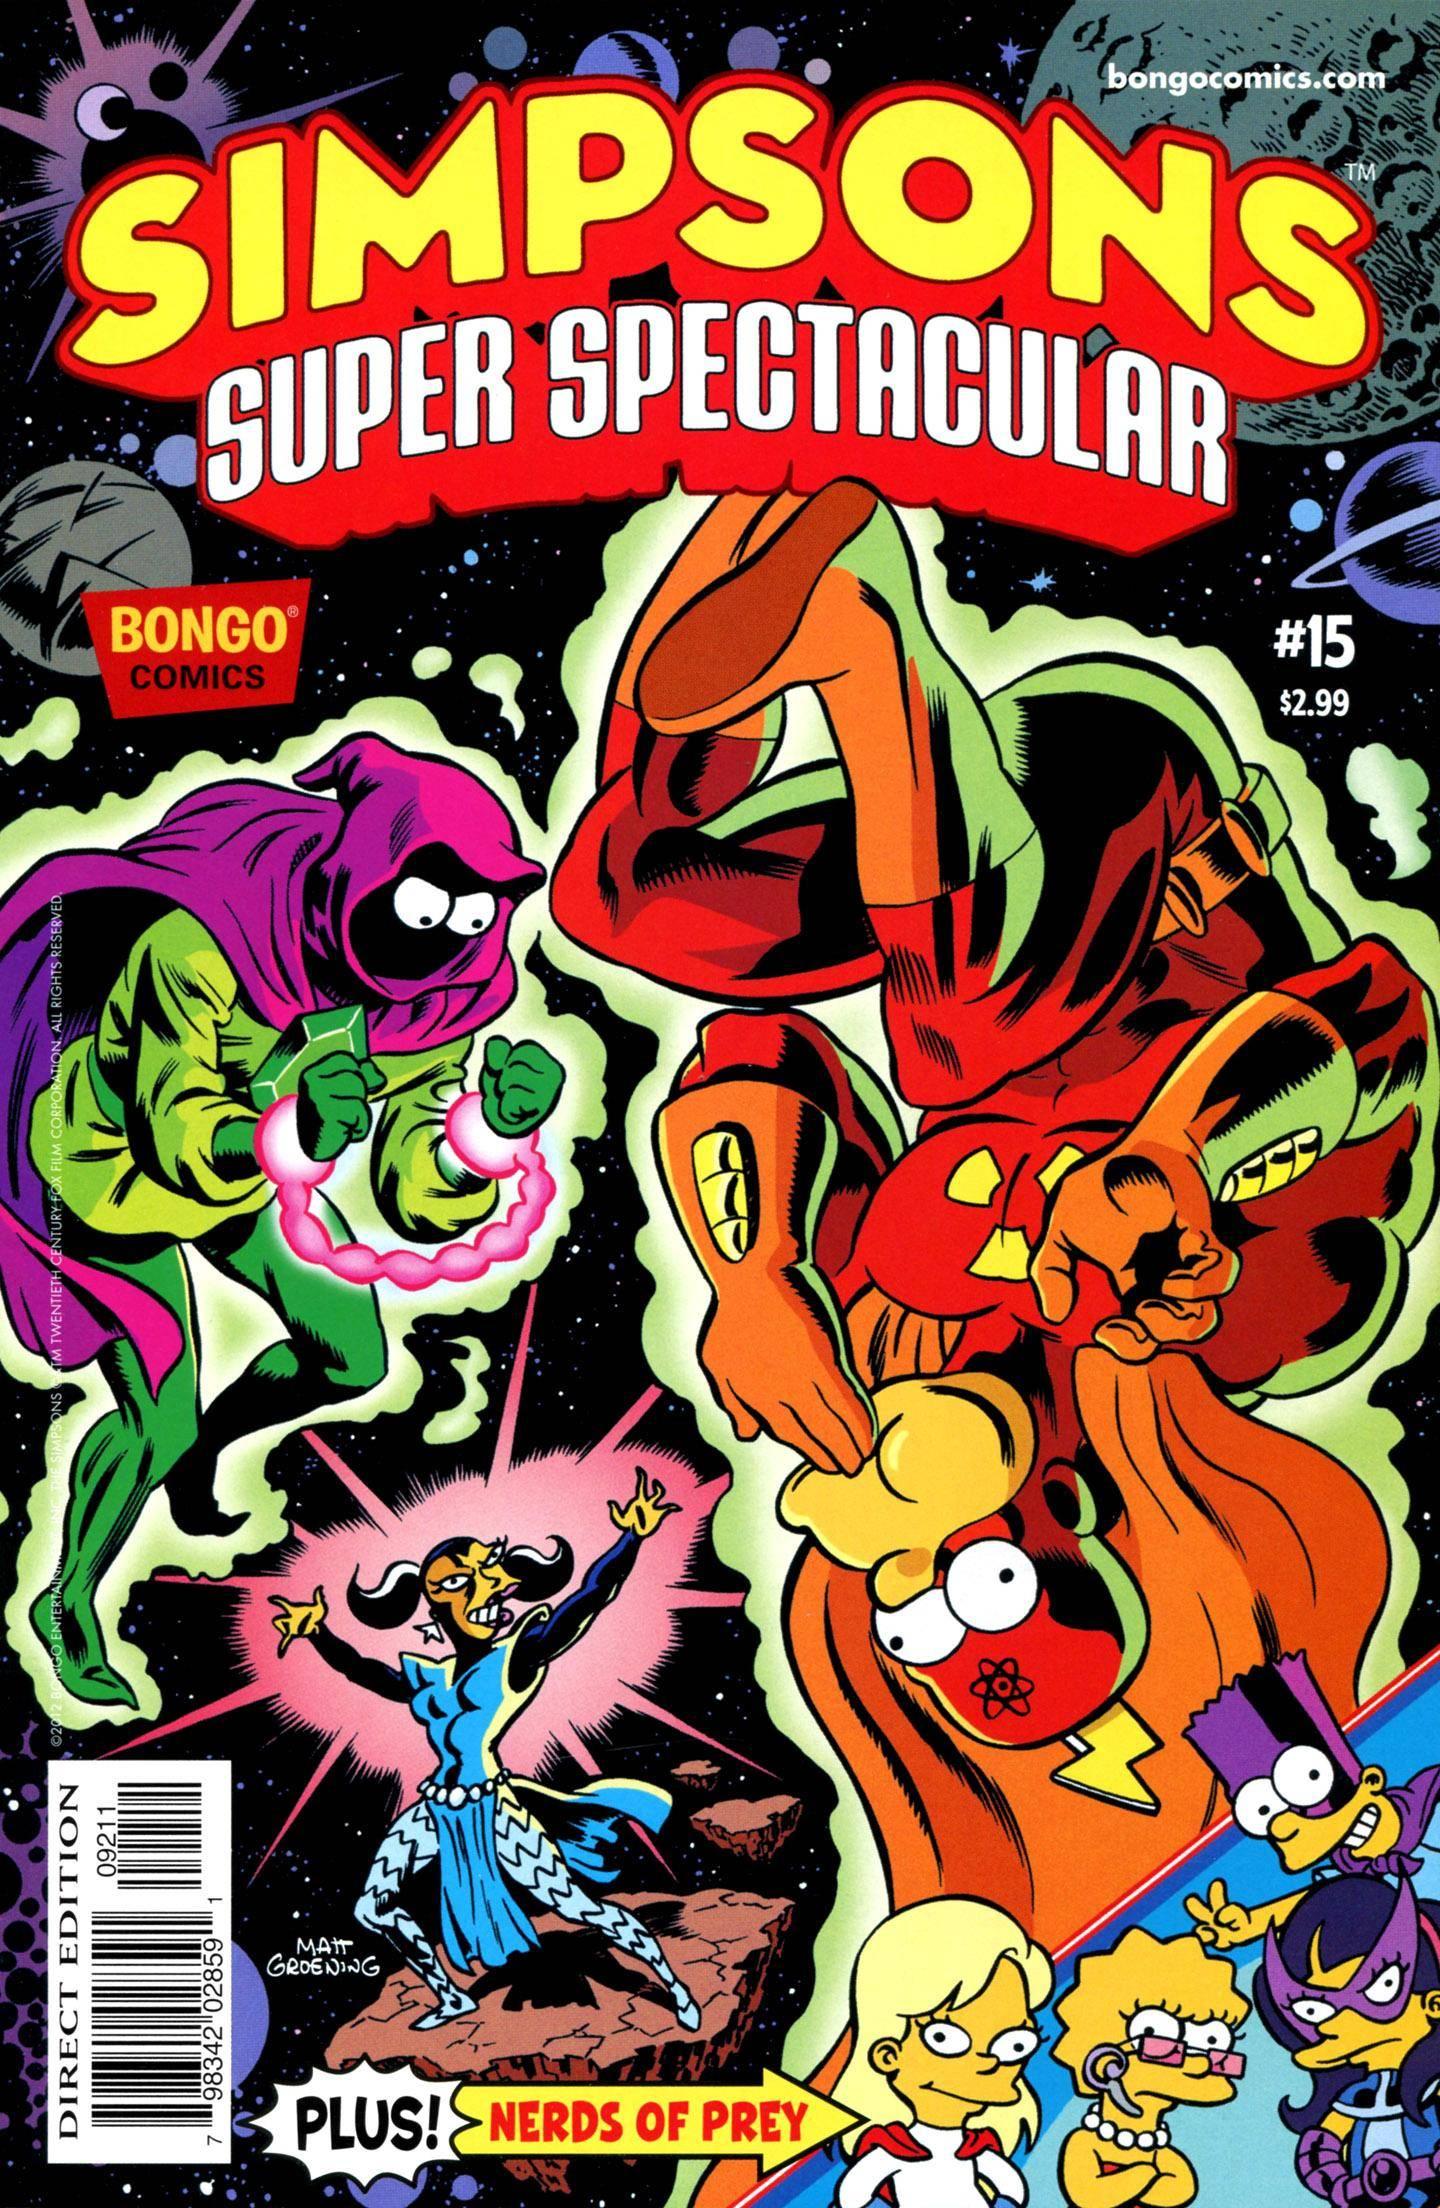 Bongo Comics Presents Simpsons Super Spectacular 015 2012